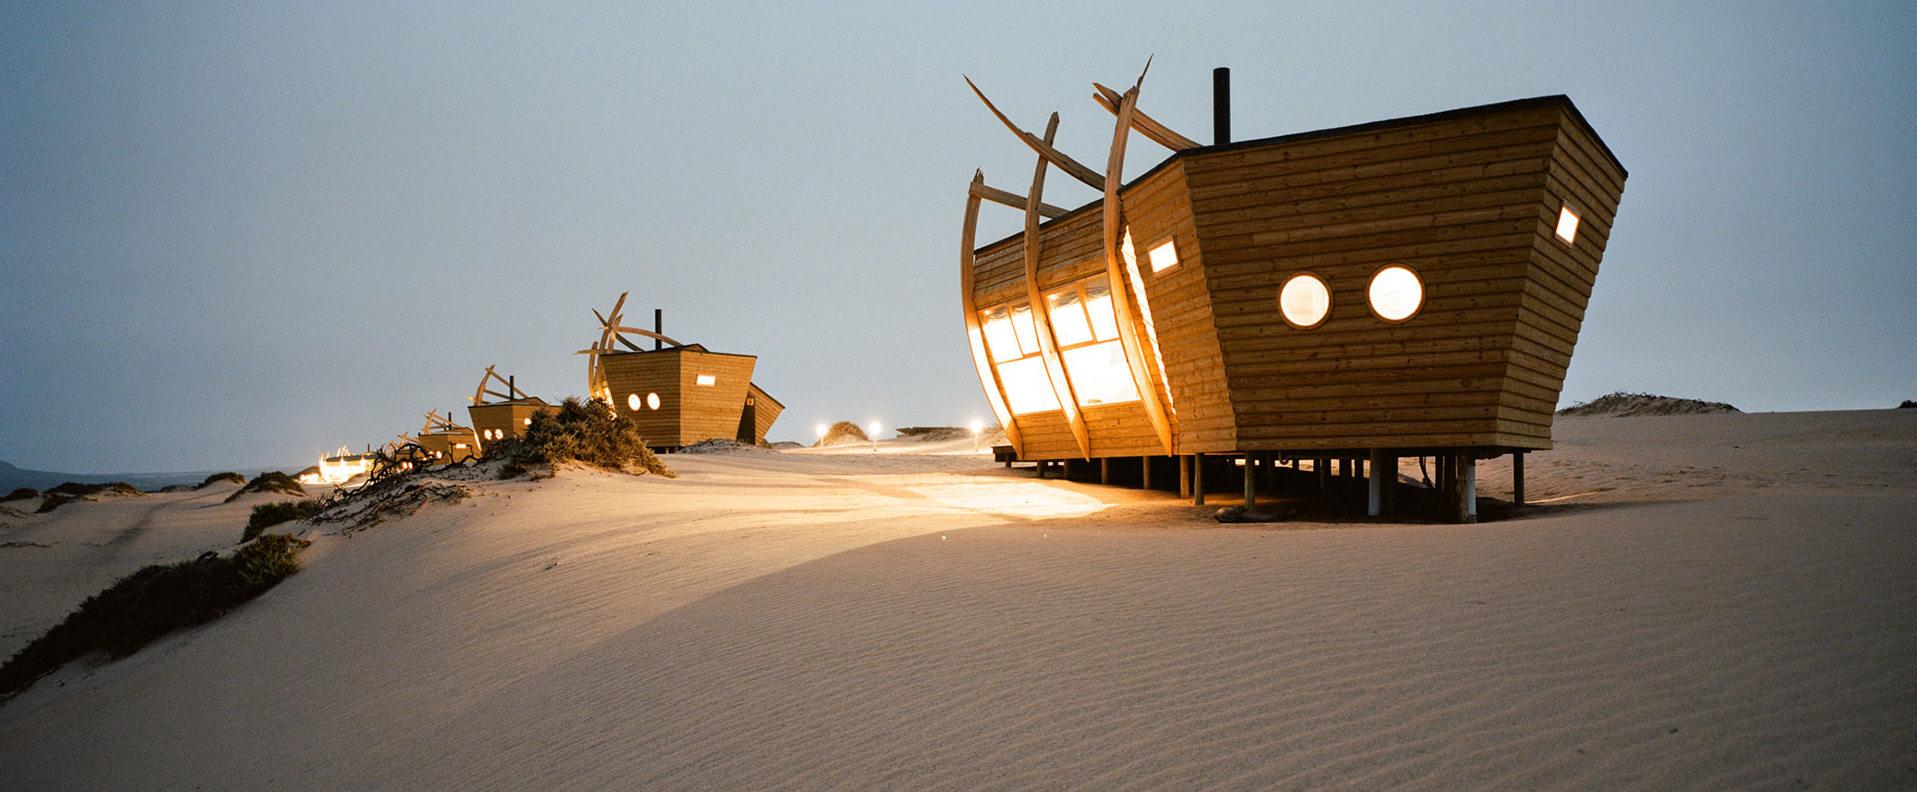 shipwreck-lodge-accommodation